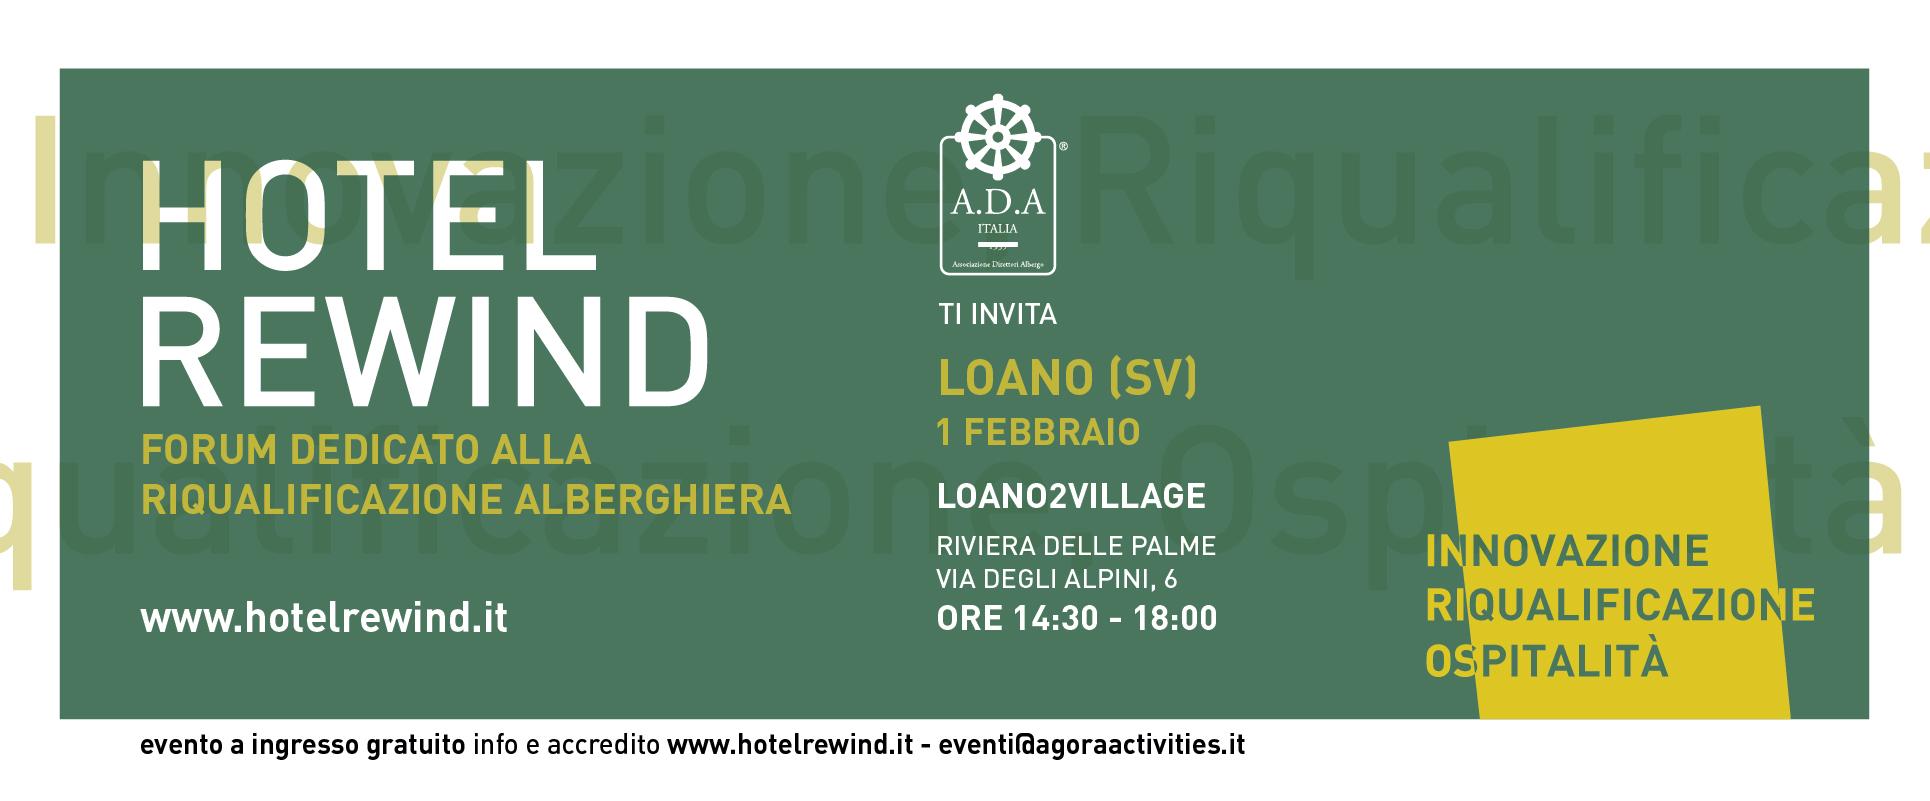 Invito Hotel Rewind